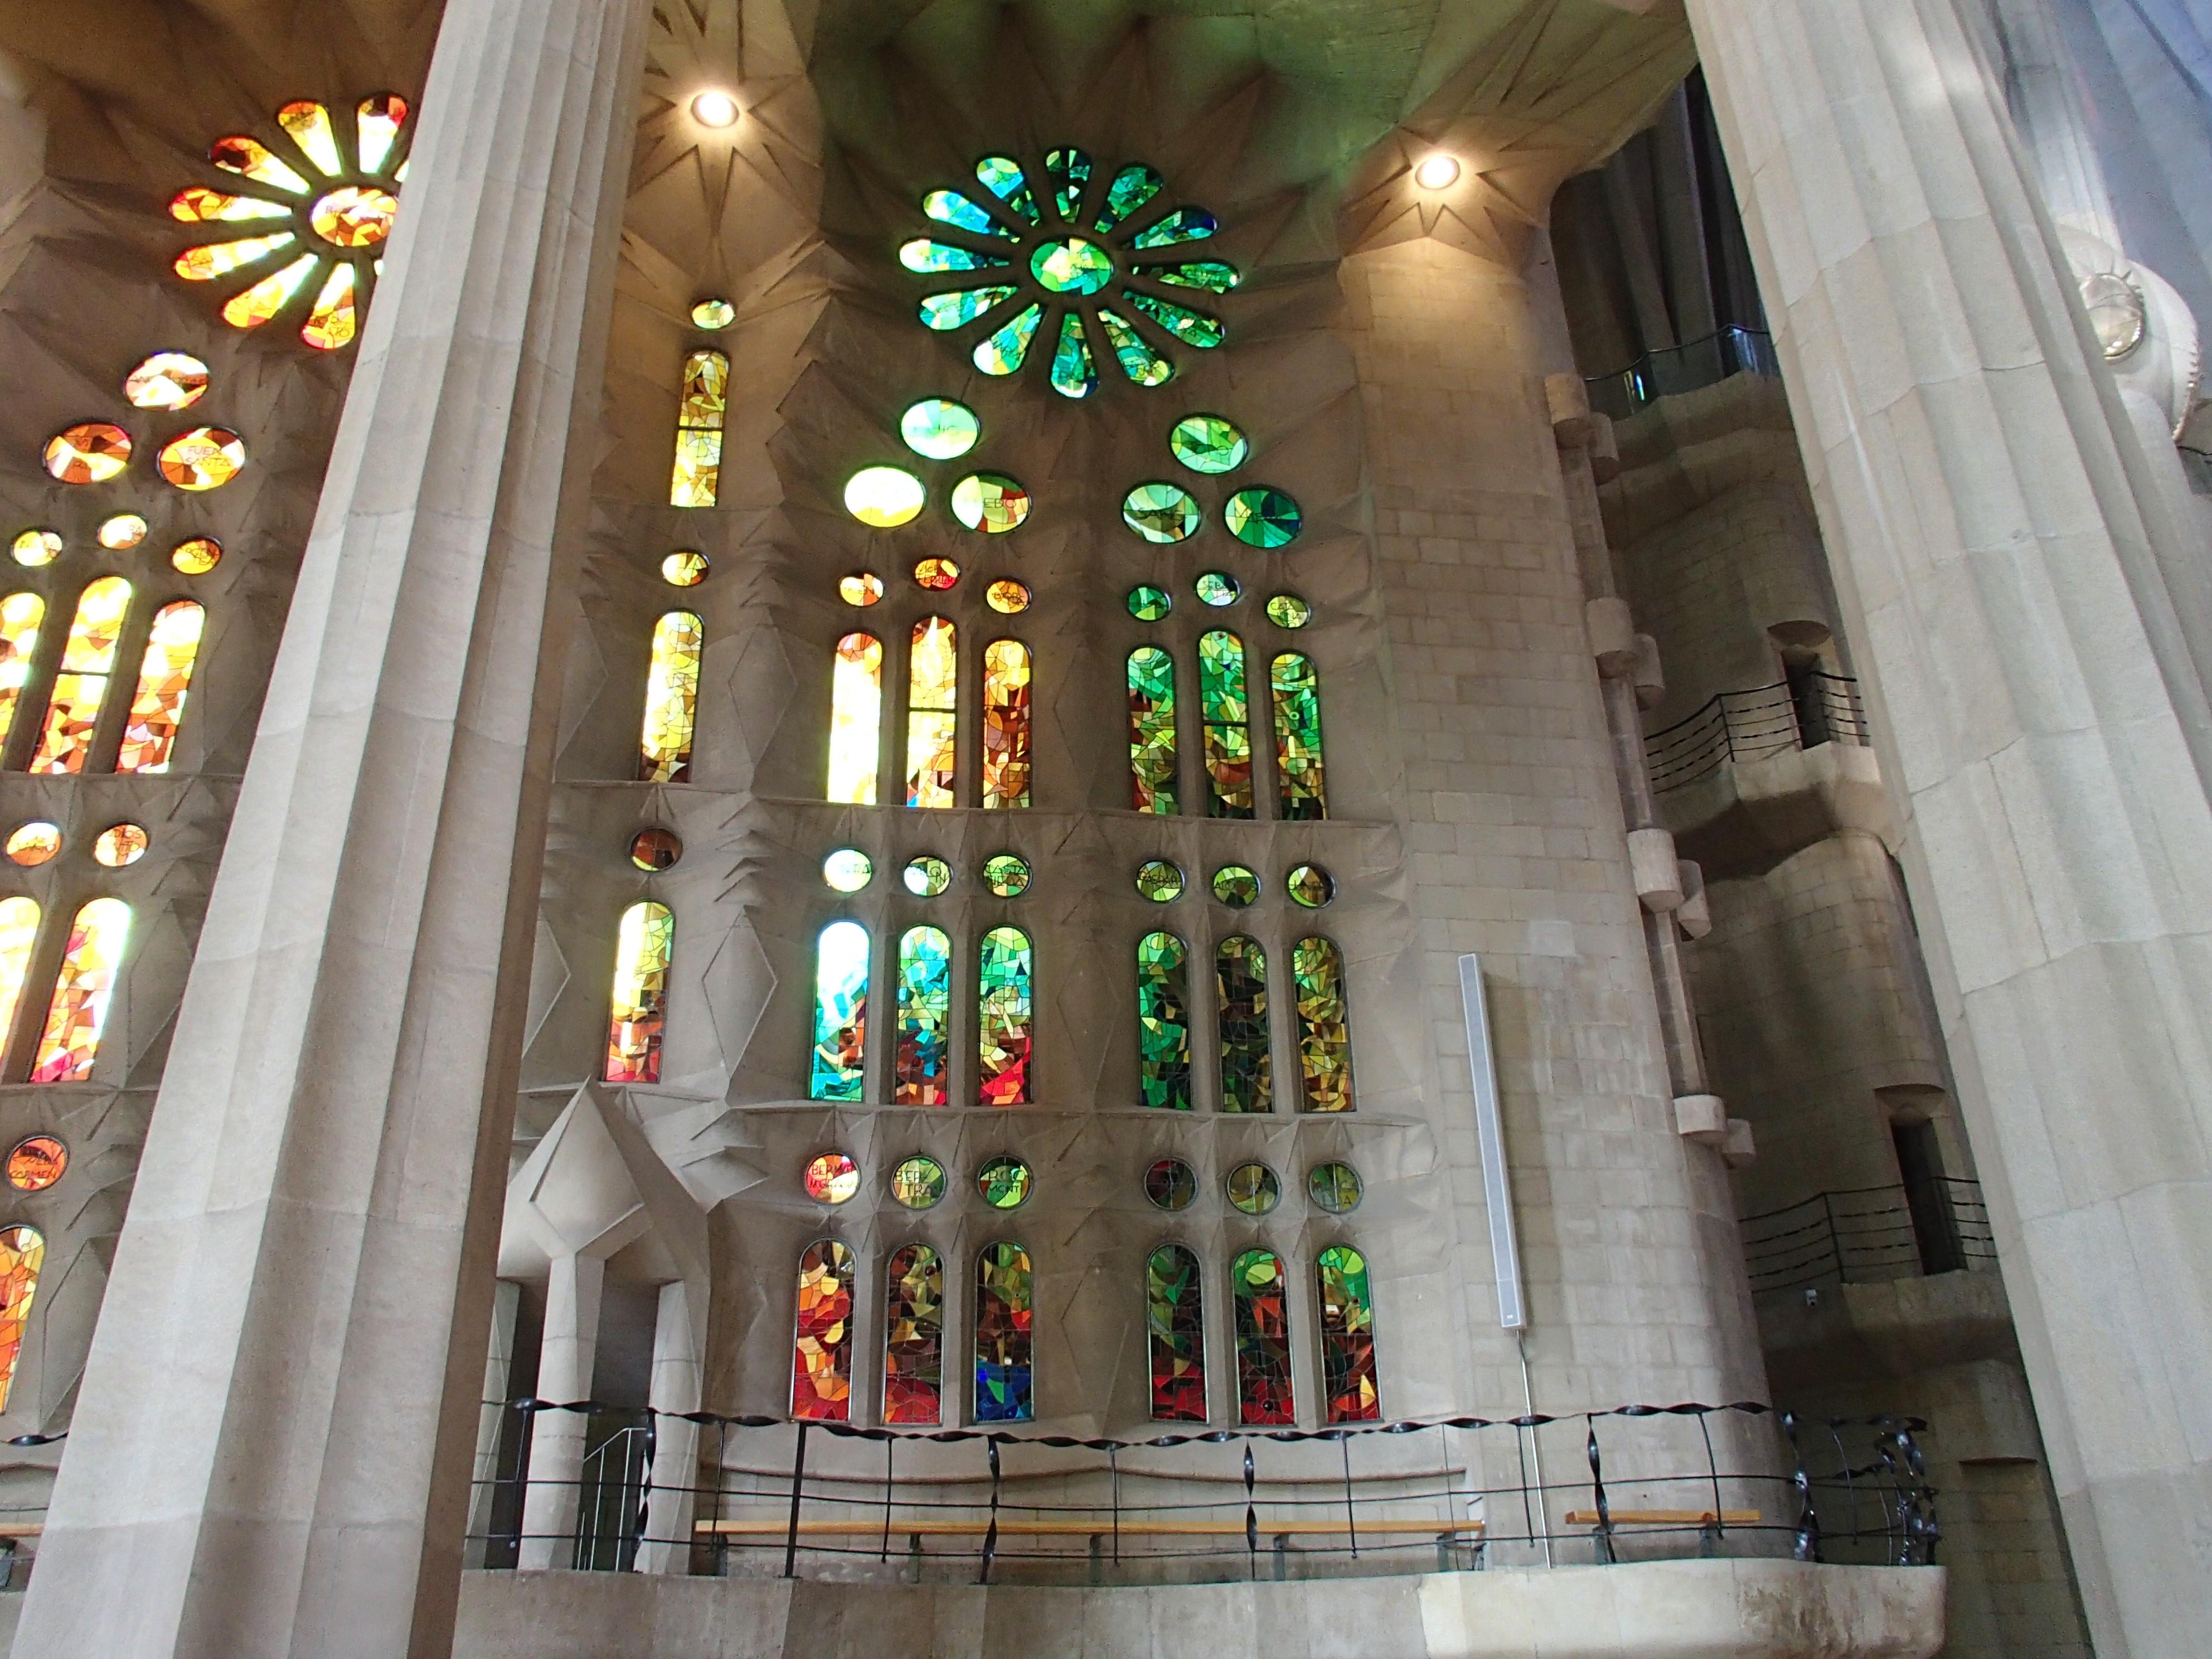 Gaudi architecture in barcelona michael lori 39 s world - Sagrada familia interieur ...